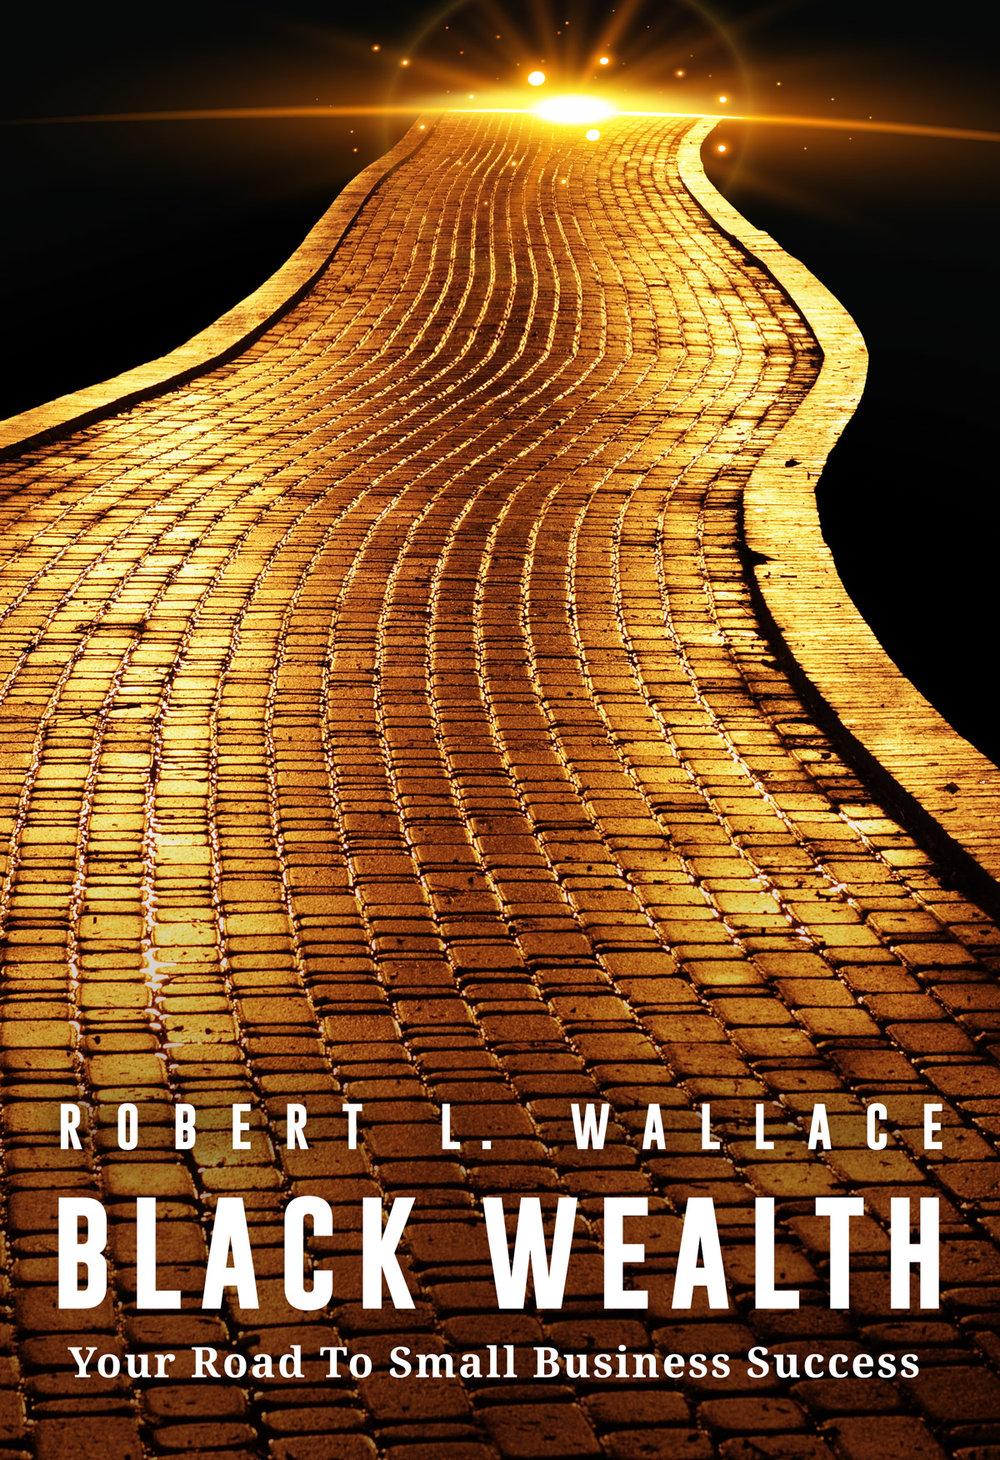 BlackWealth-Cover art.jpg